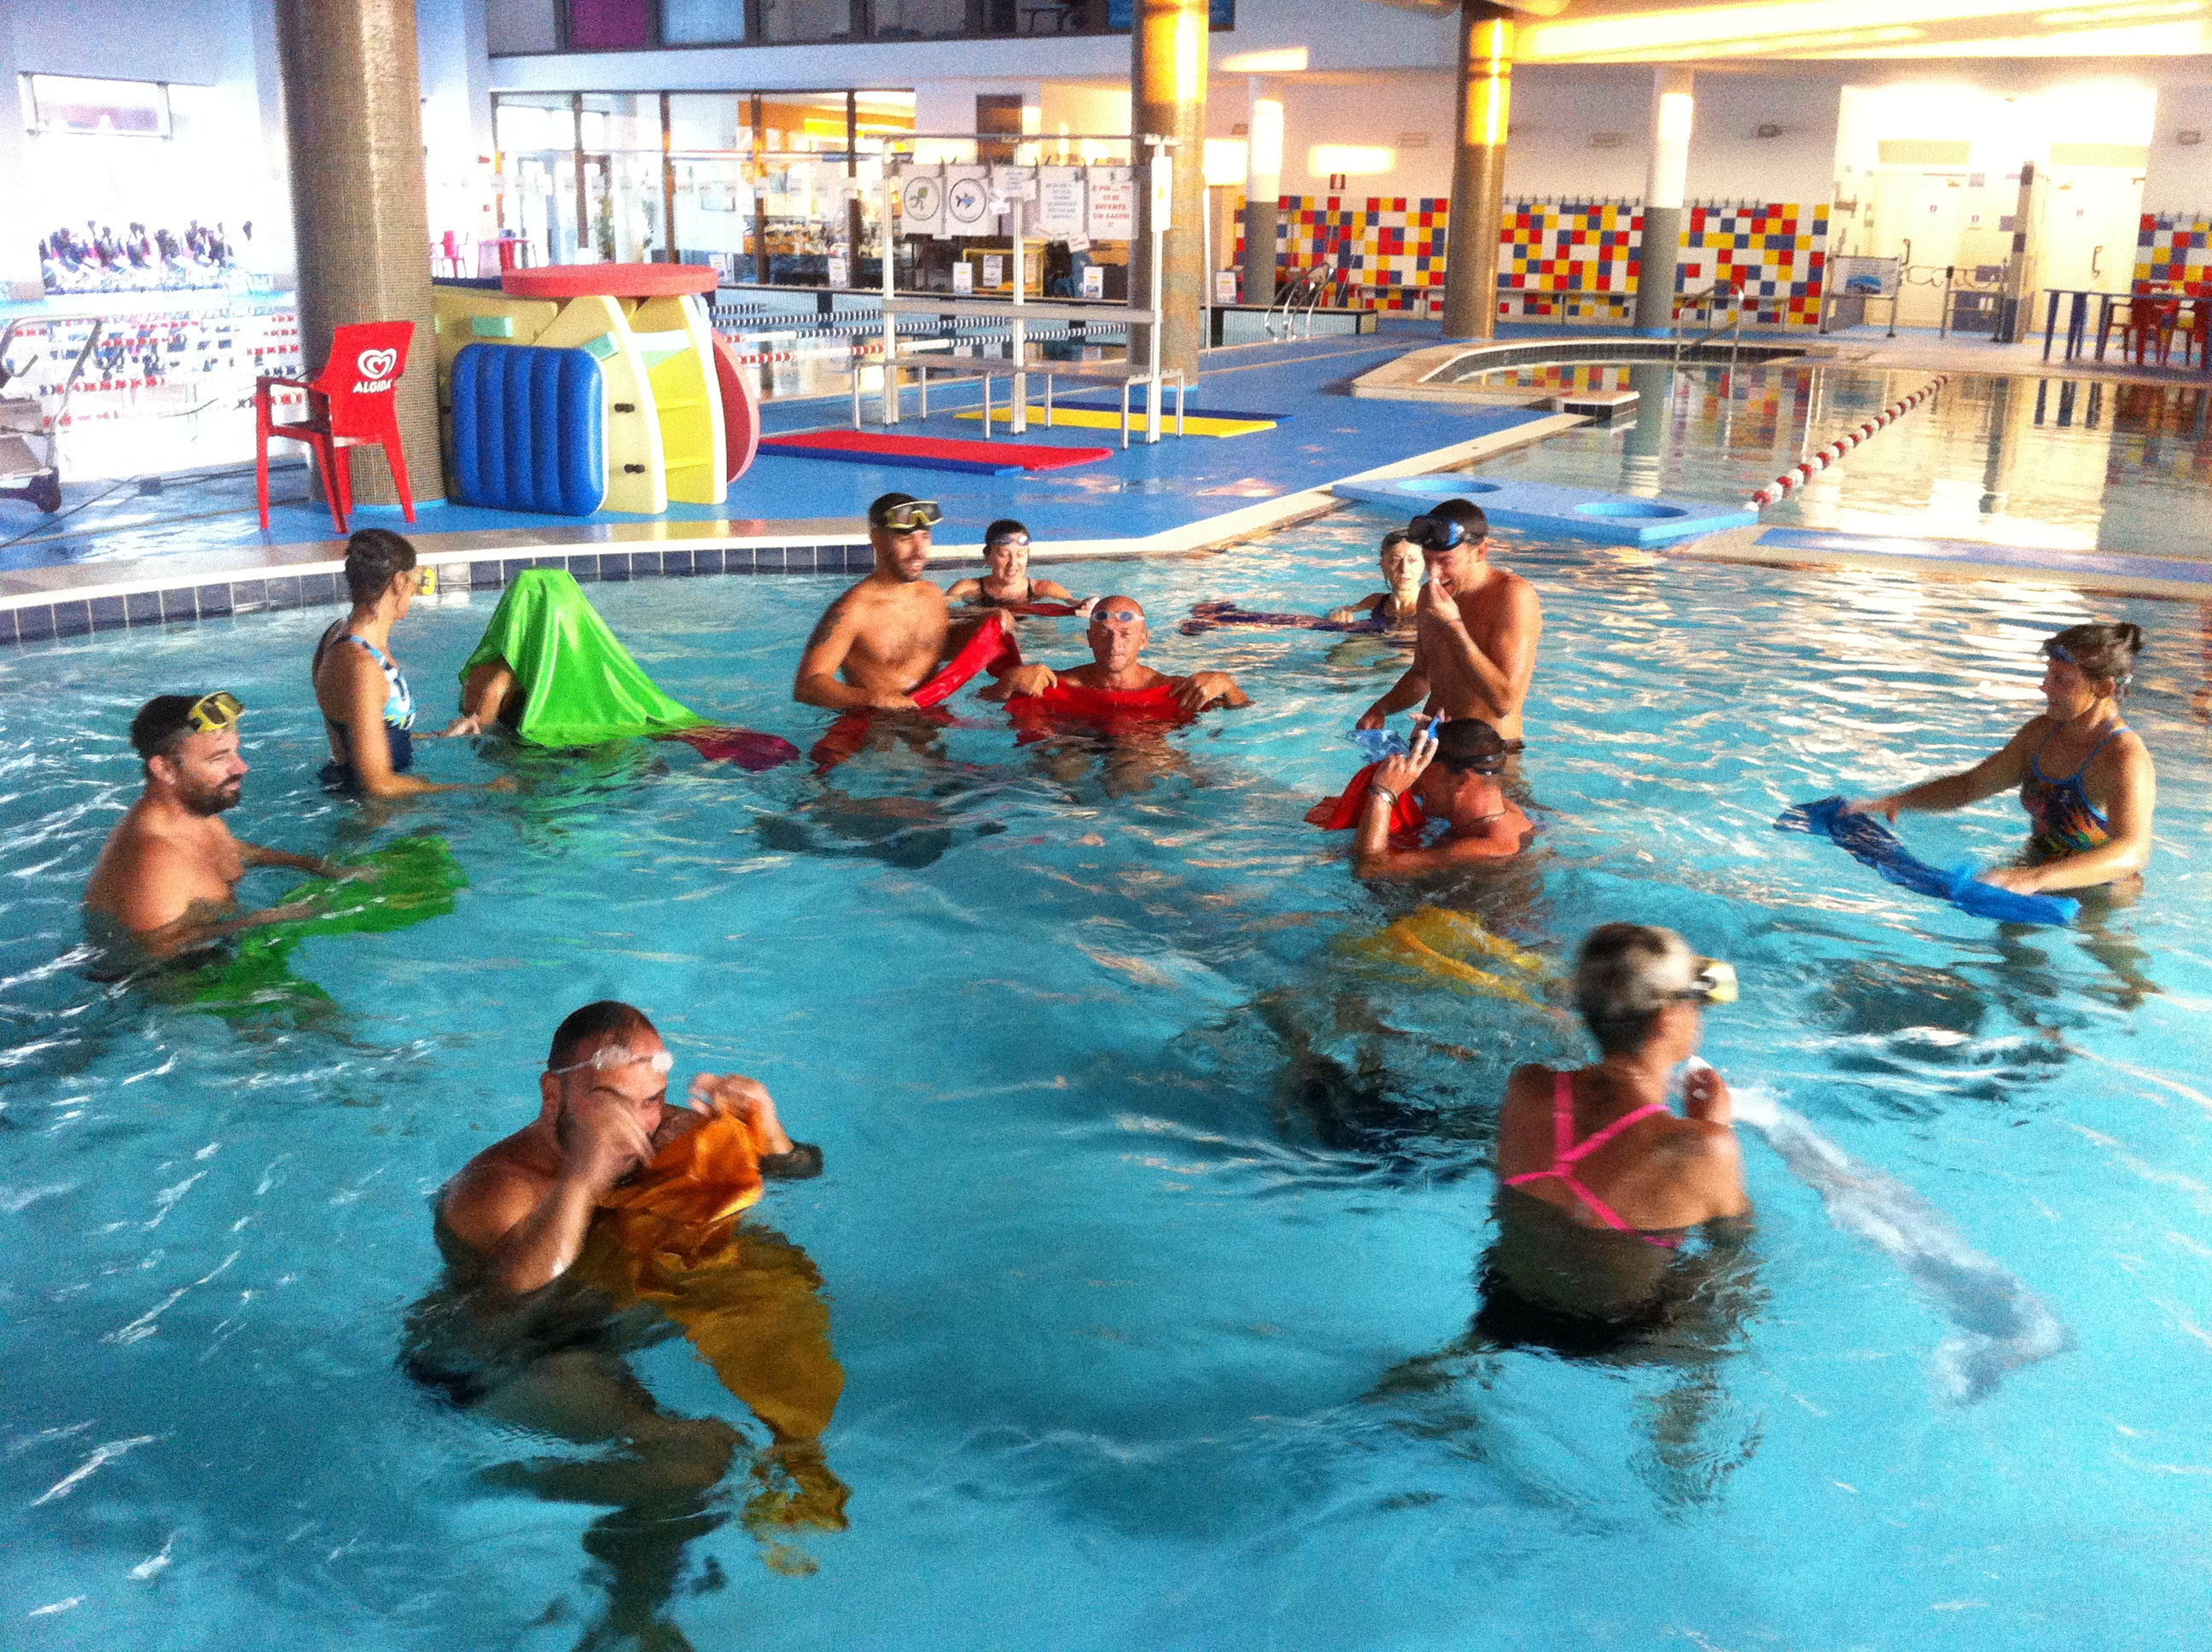 Corsi di nuoto adulti piscina castiglione delle stiviere - Piscina trezzano sul naviglio nuoto libero ...